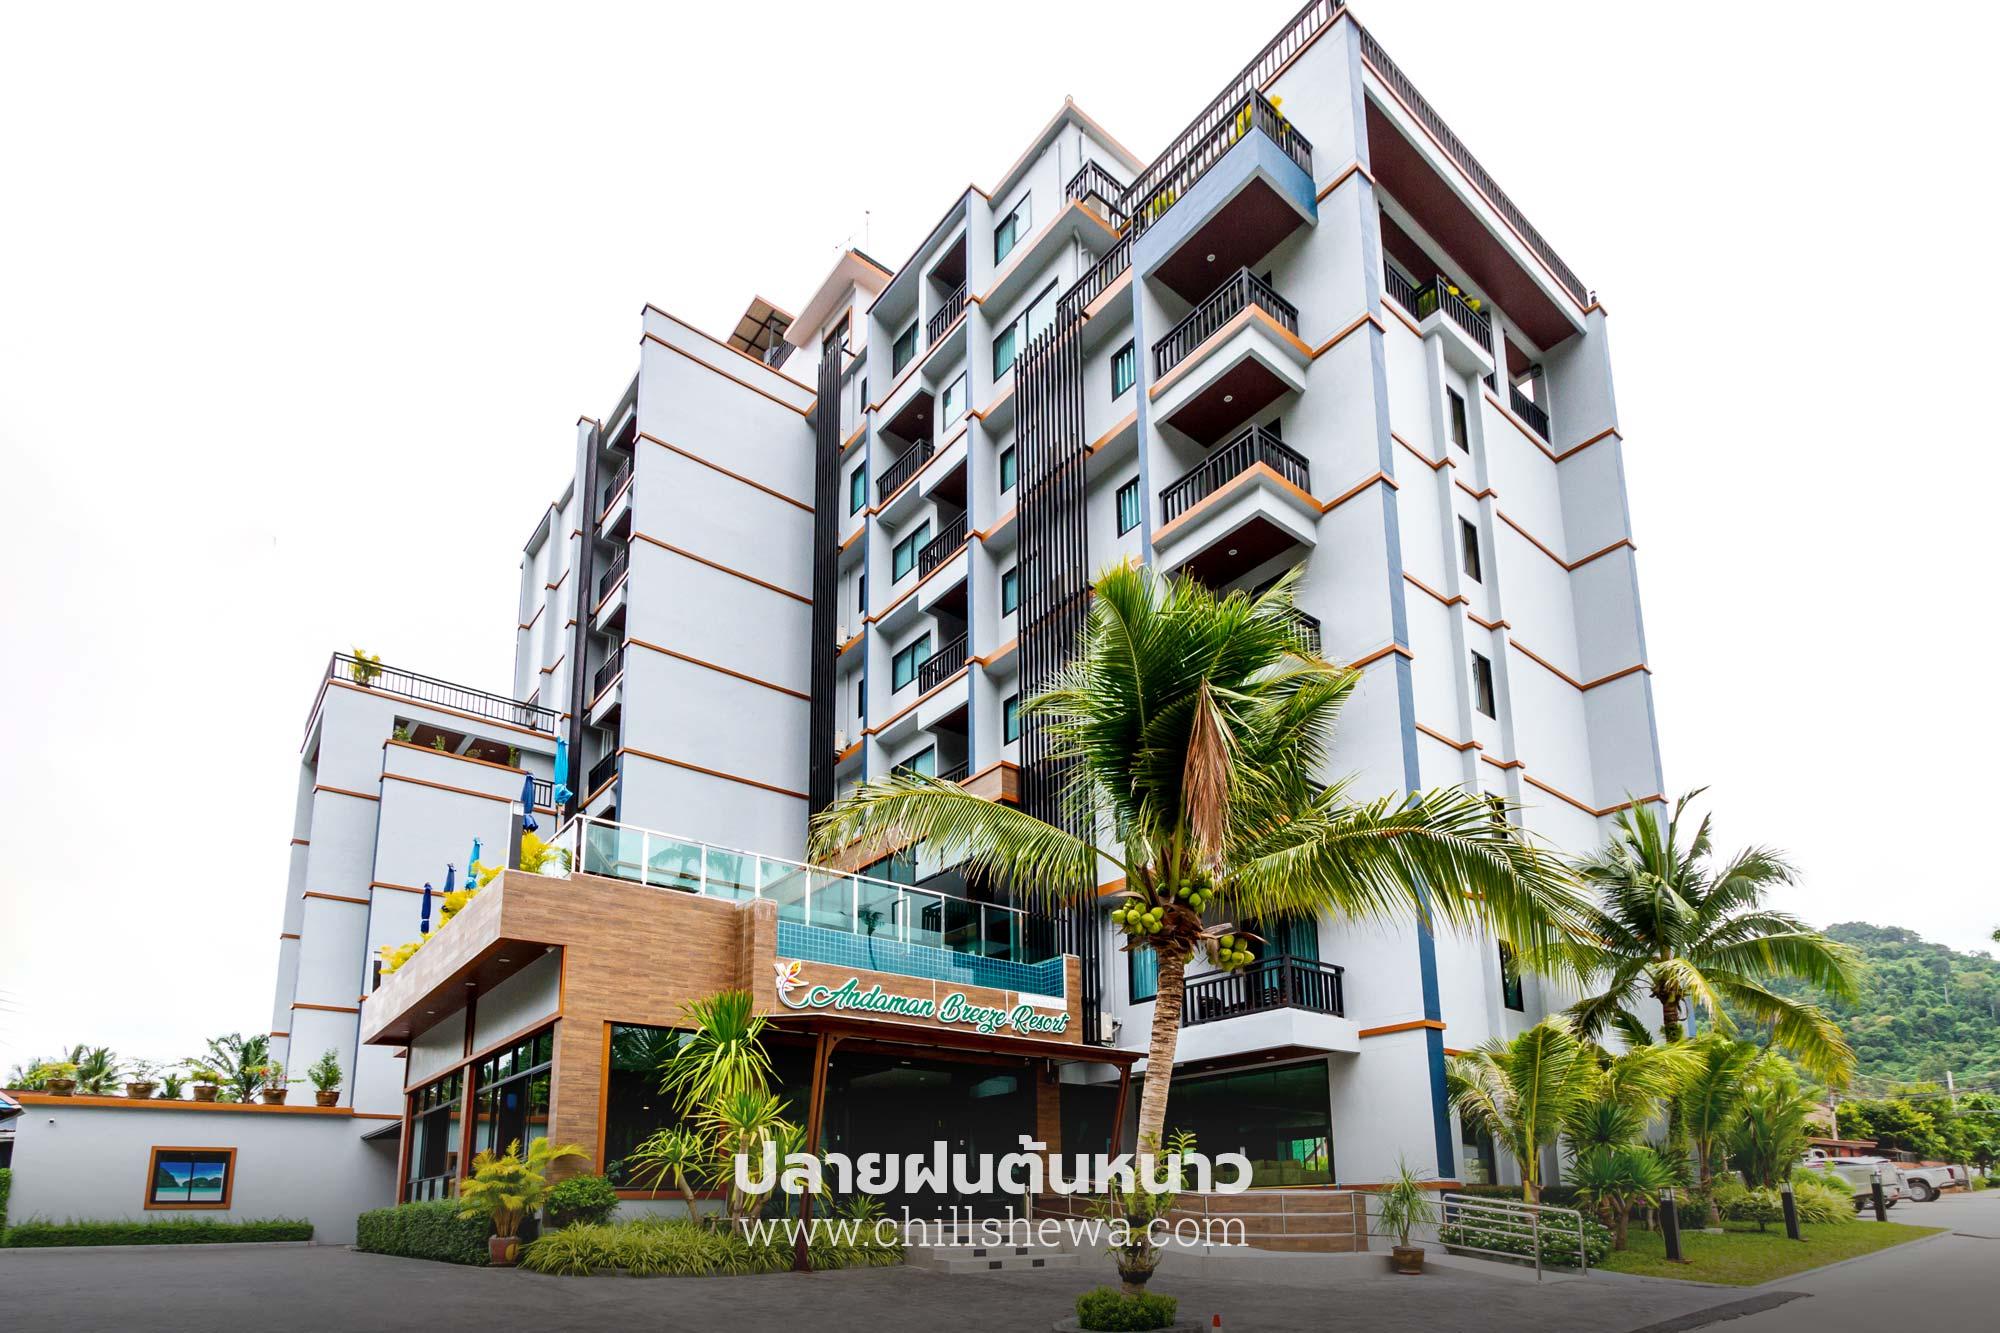 ANDAMAN BREEZE RESORT 01 อันดามัน บรีซ รีสอร์ท อ่าวนาง กระบี่ อันดามัน บรีซ รีสอร์ท Andaman Breeze Resort อ่าวนาง กระบี่ ANDAMA BREEZE RESORT 01